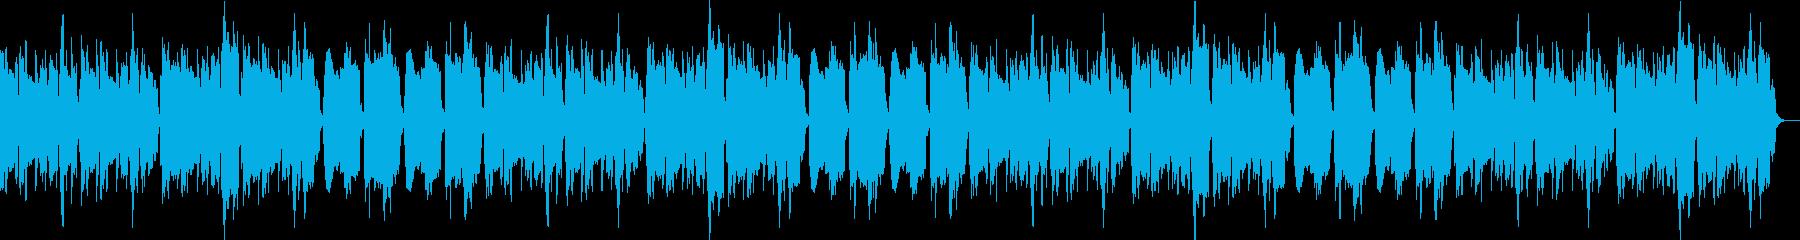 ほのぼの/かわいい/シンプル/木琴の再生済みの波形